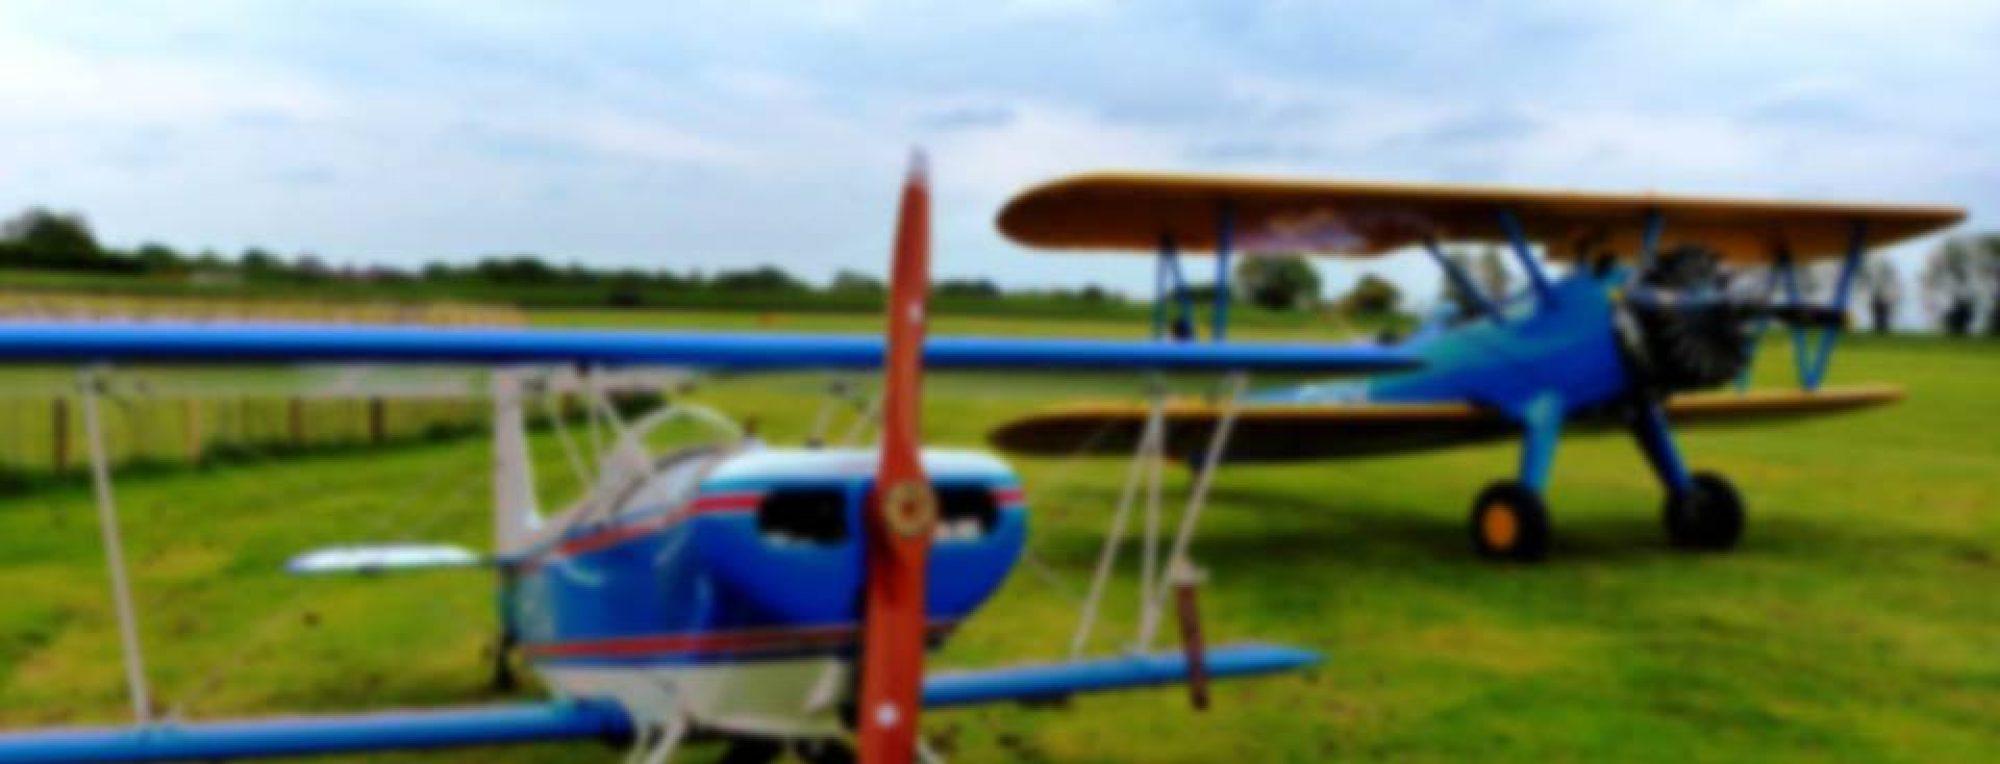 Letecký Klub Kamenný Most